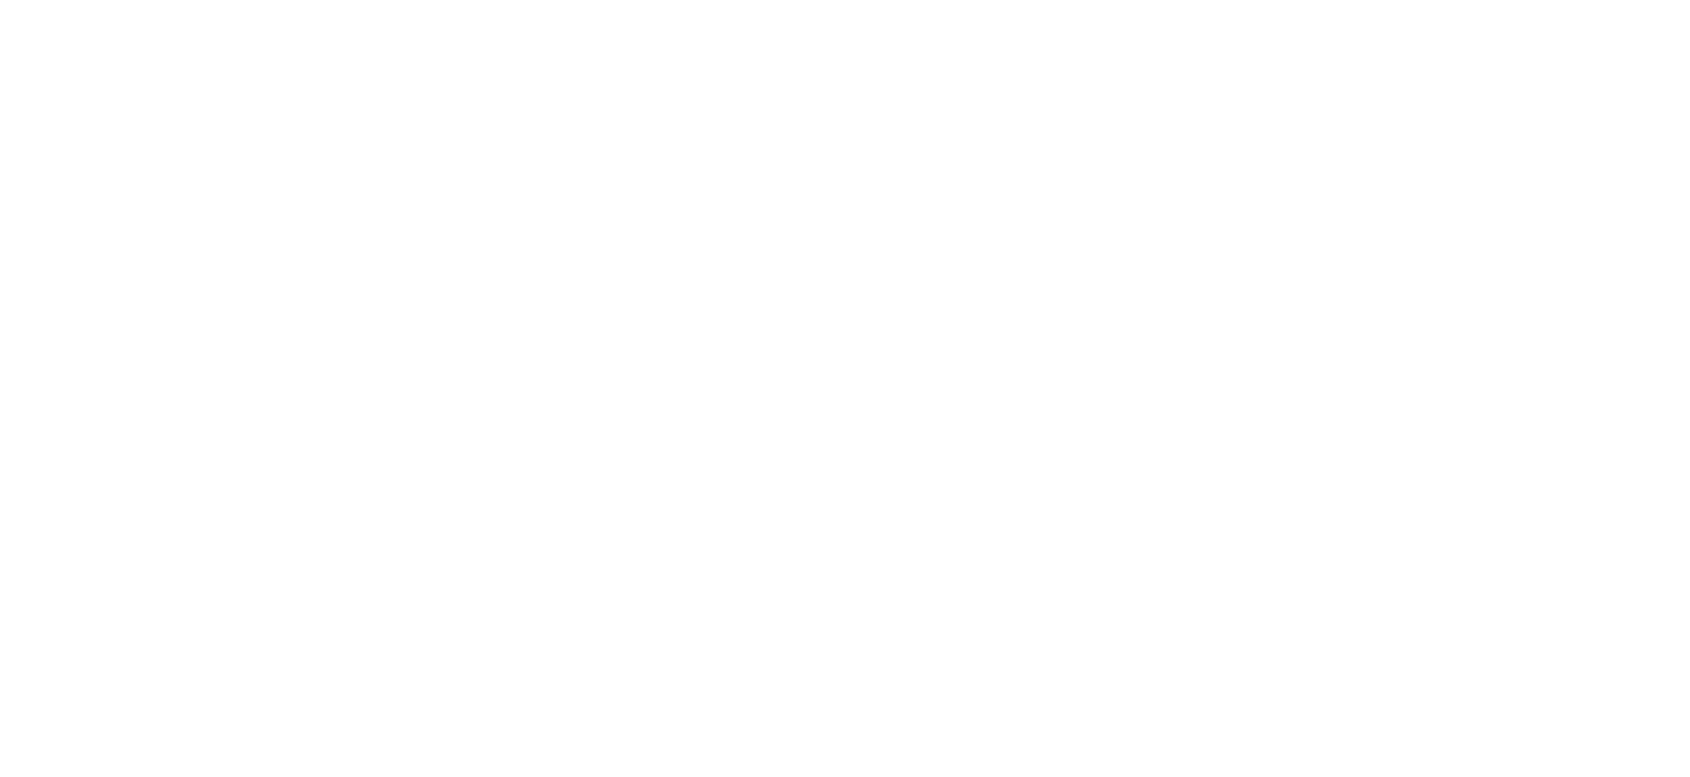 2021 ICF Canoe Slalom Worldcup #2